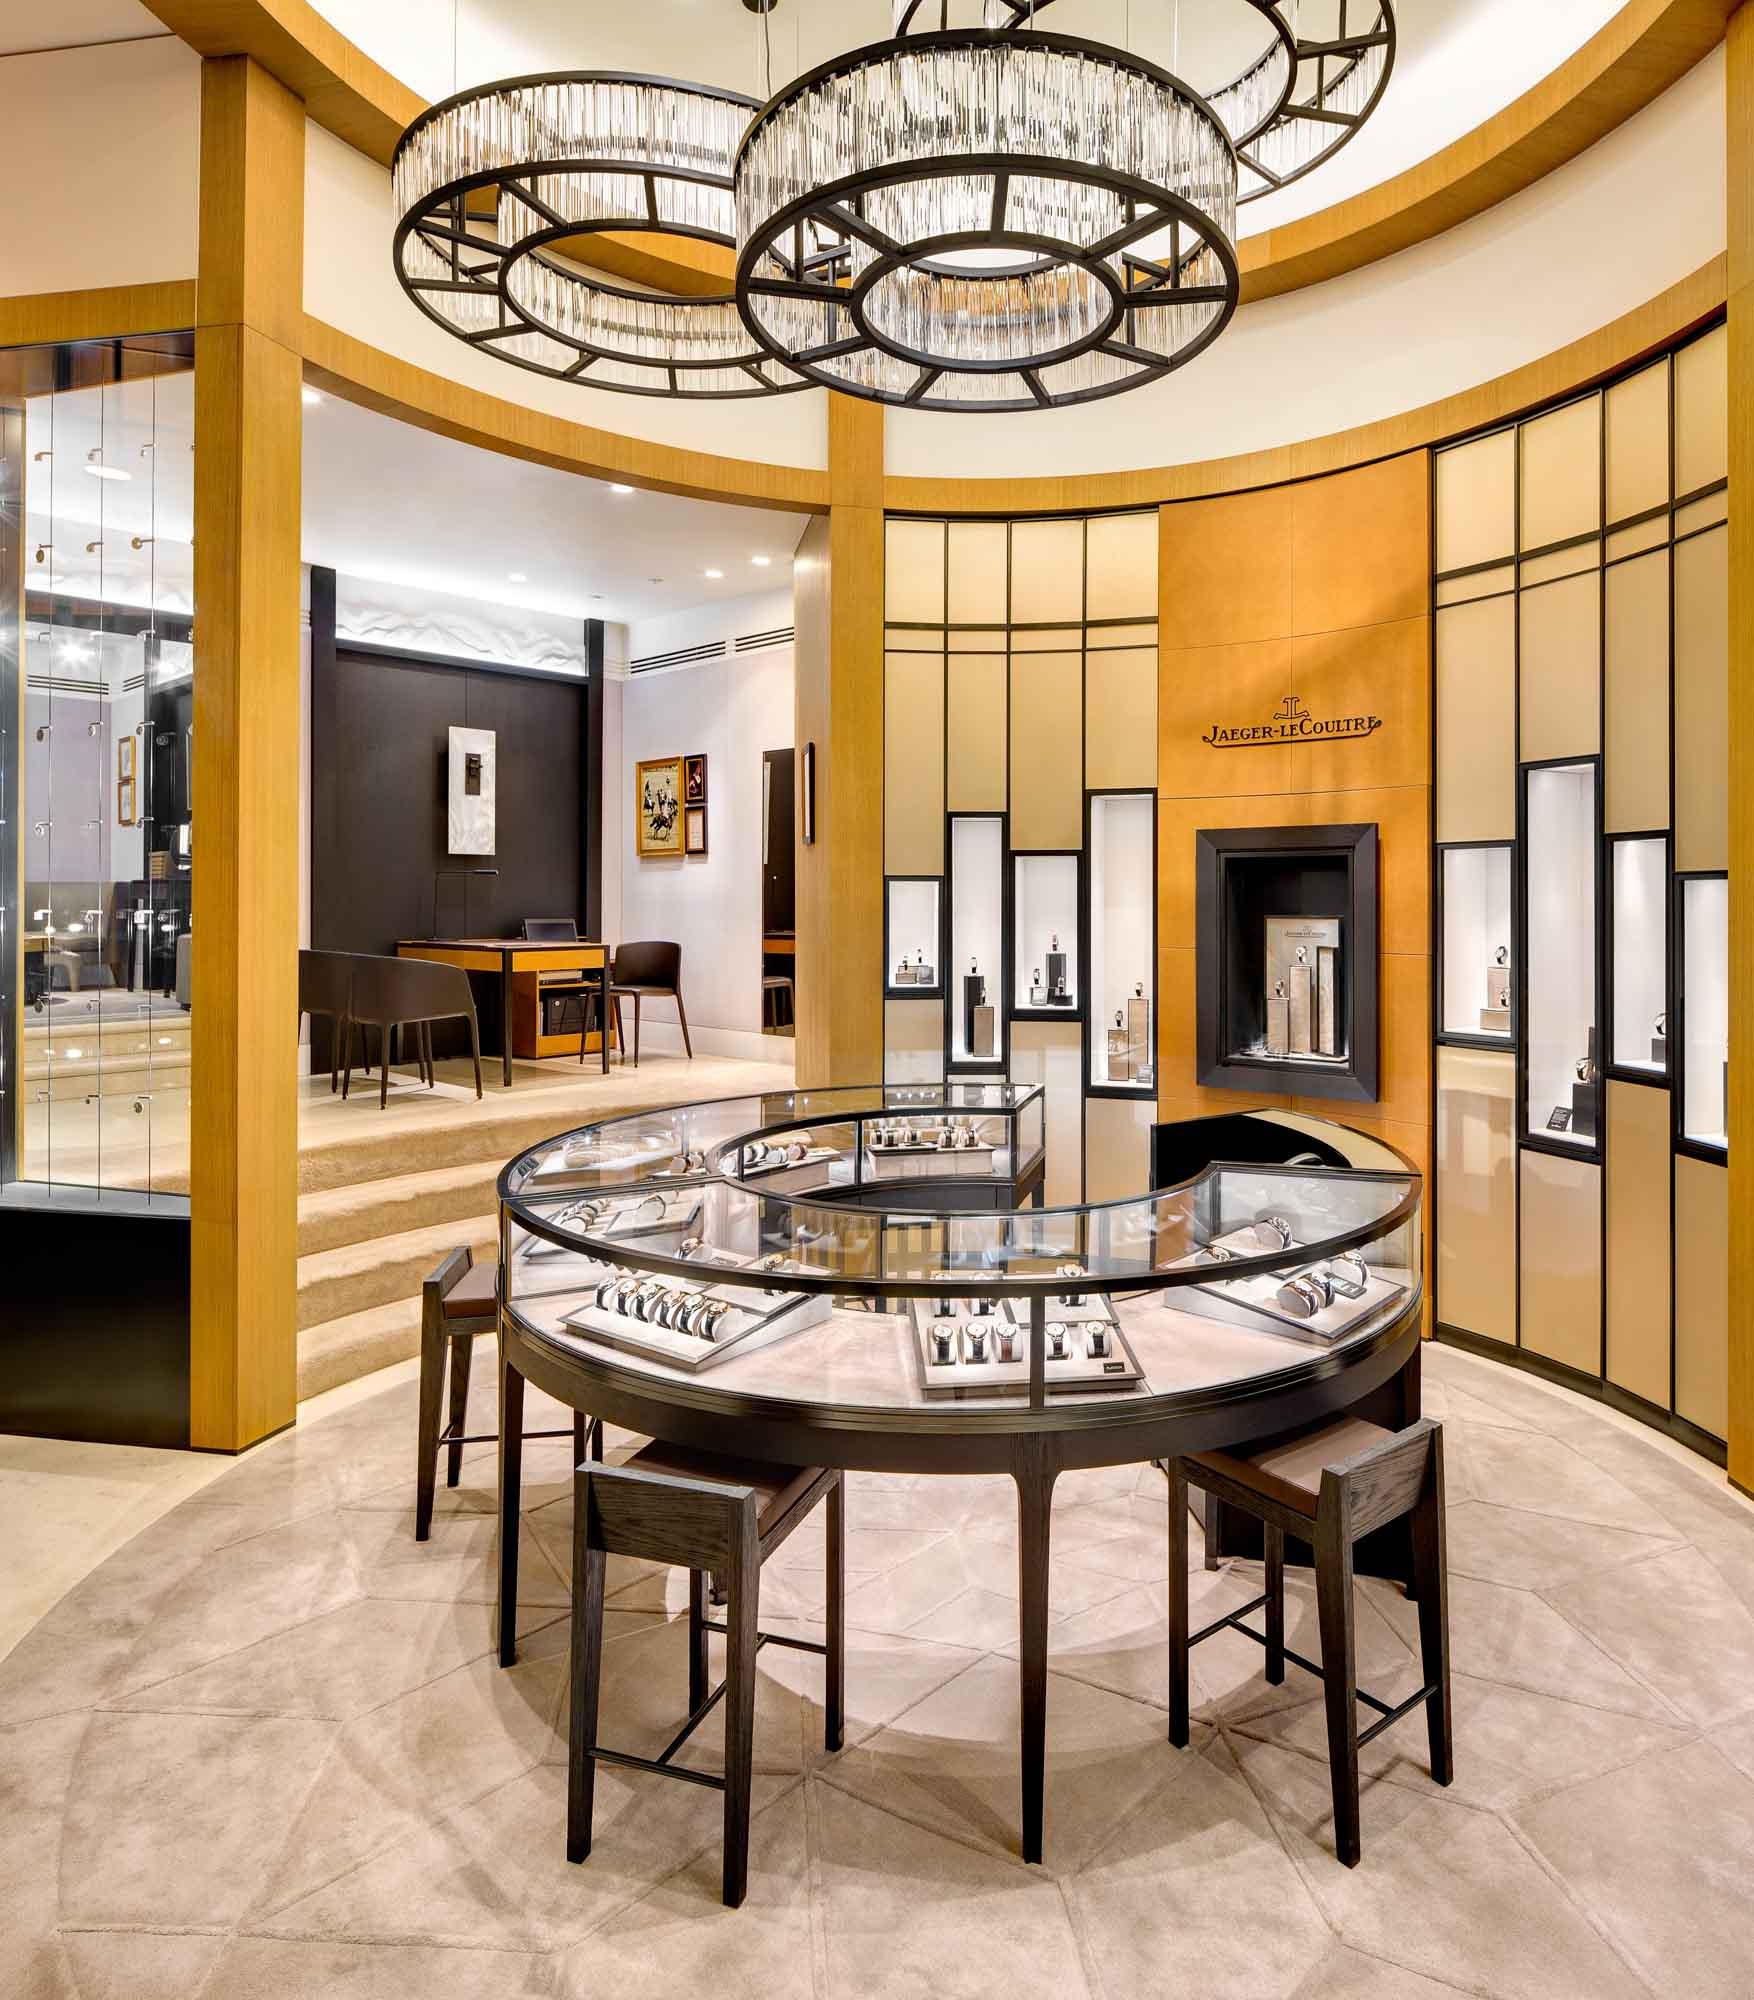 Jaeger-LeCoultre inaugure sa première boutique flagship new-yorkaise en présence de Sarah Gadon et Clive Owen